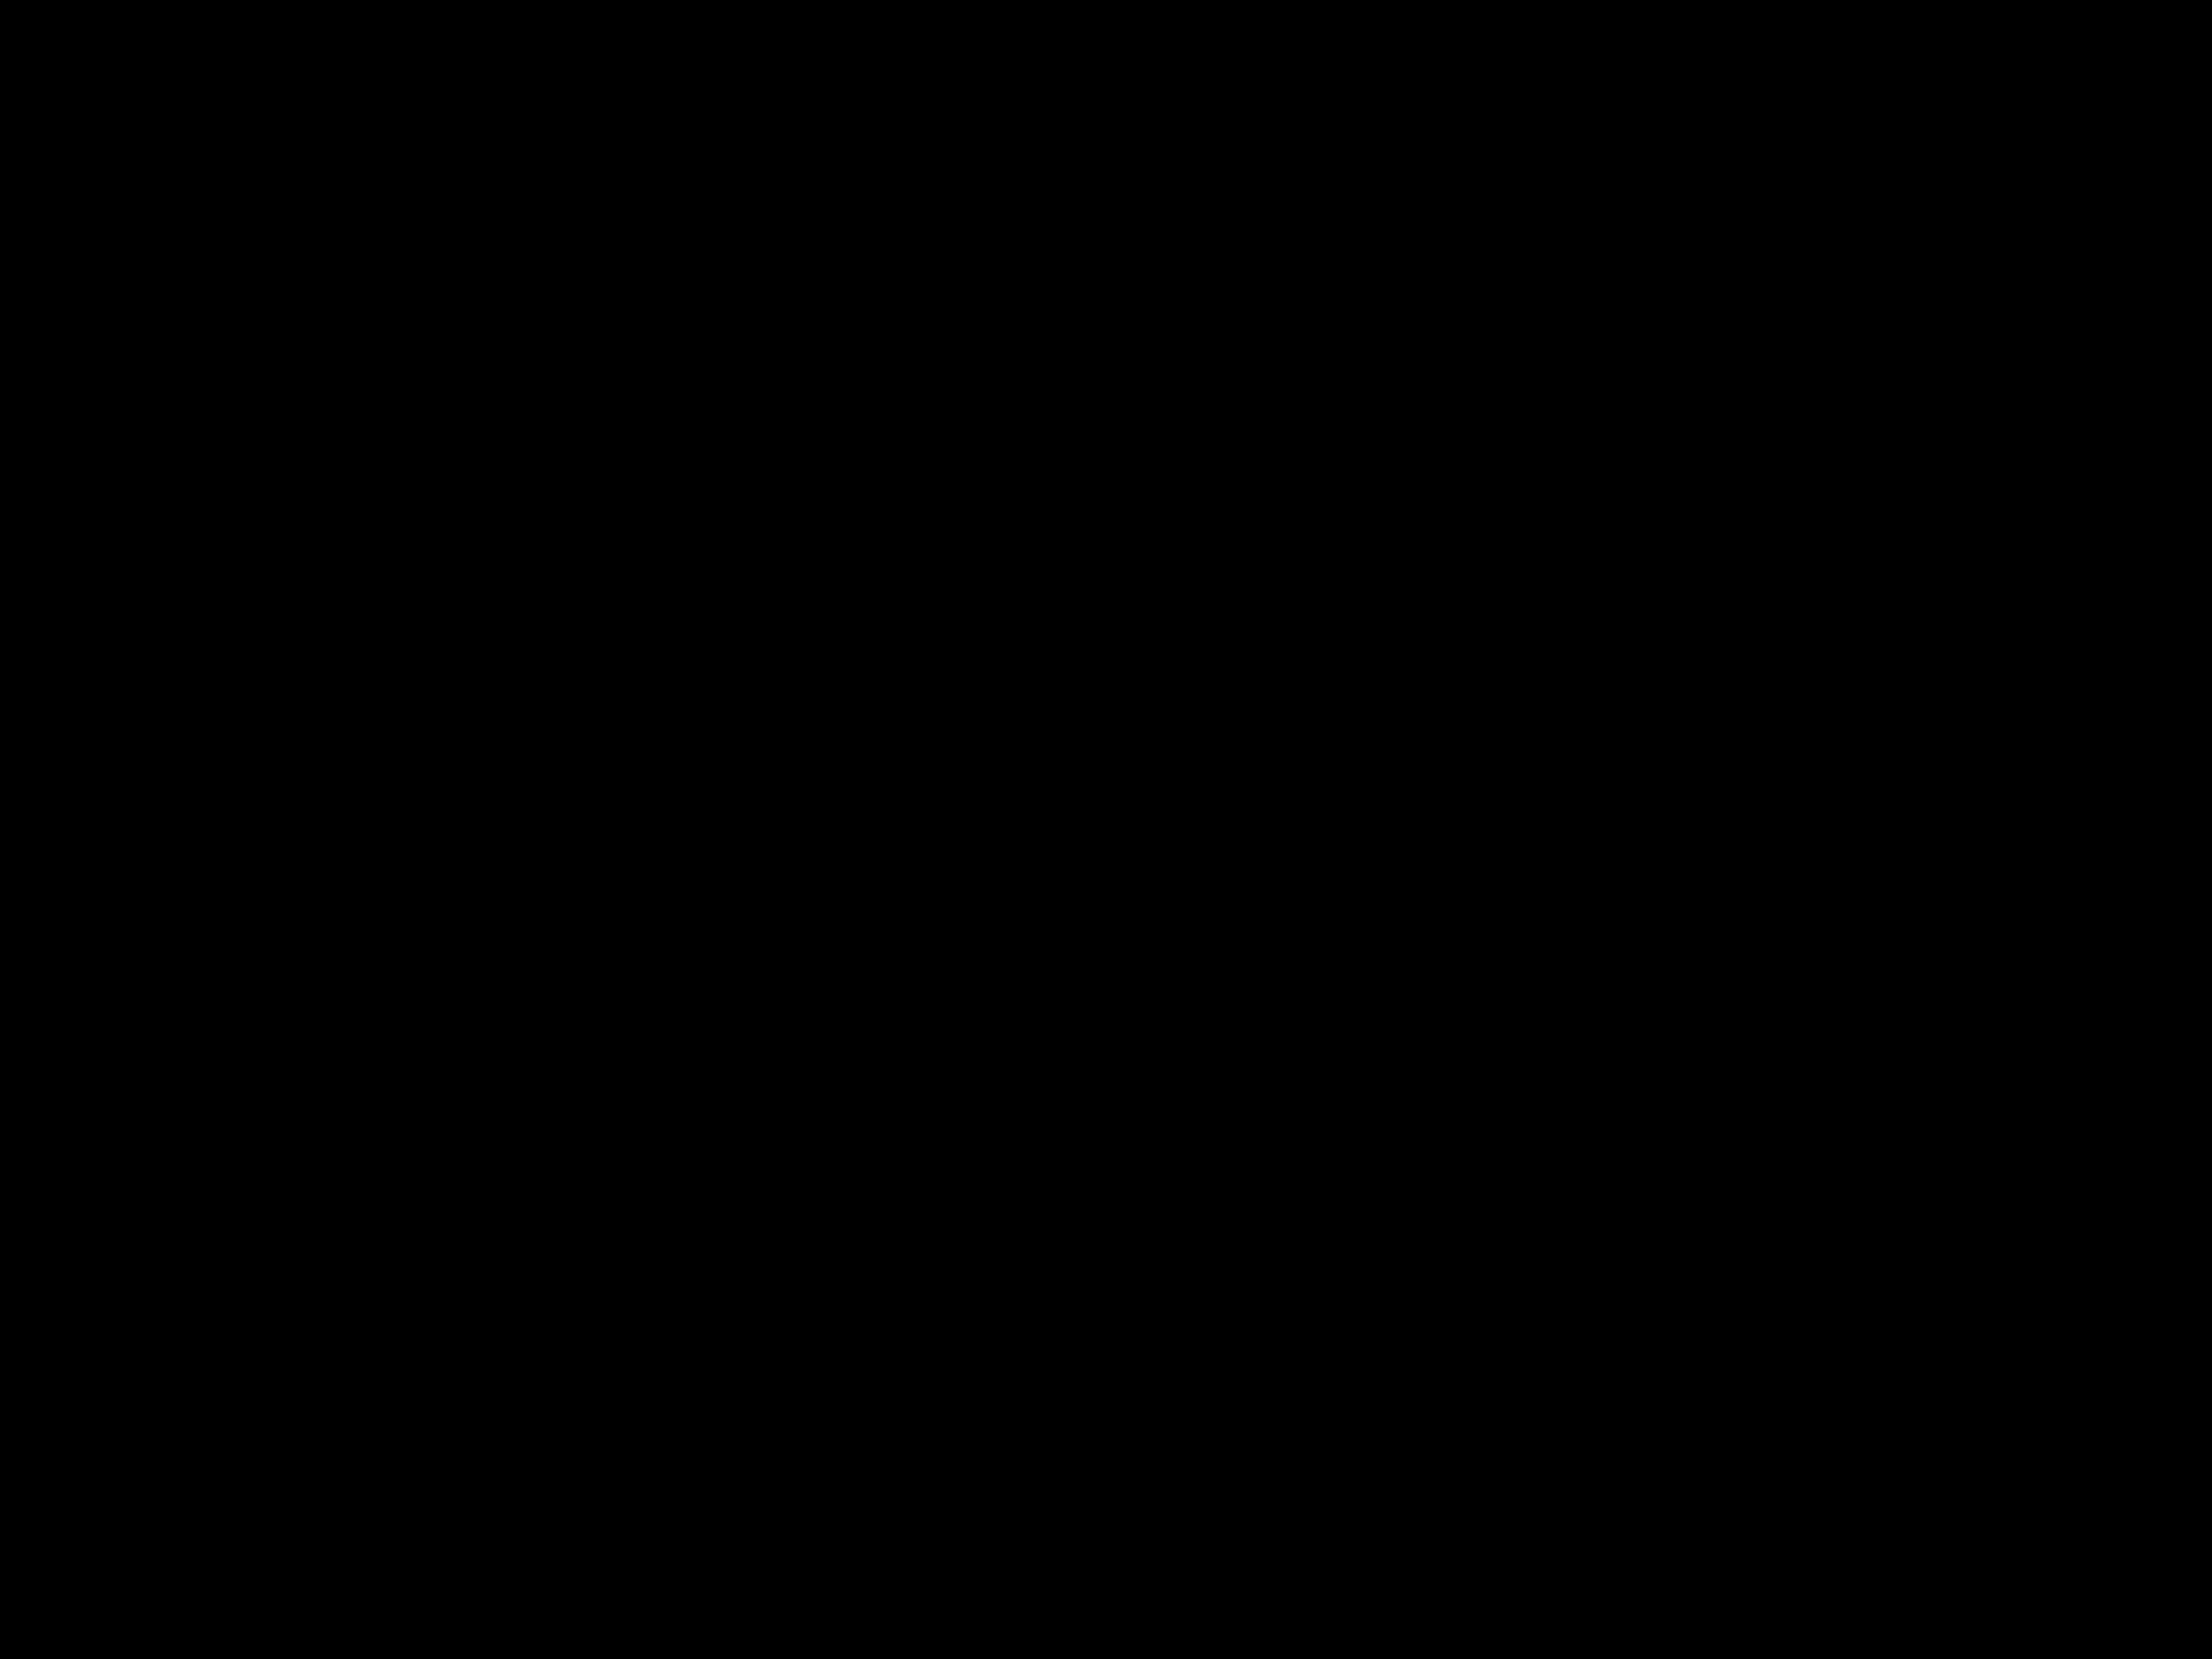 Tegeldrager vulrubber | 2,5 mm dik